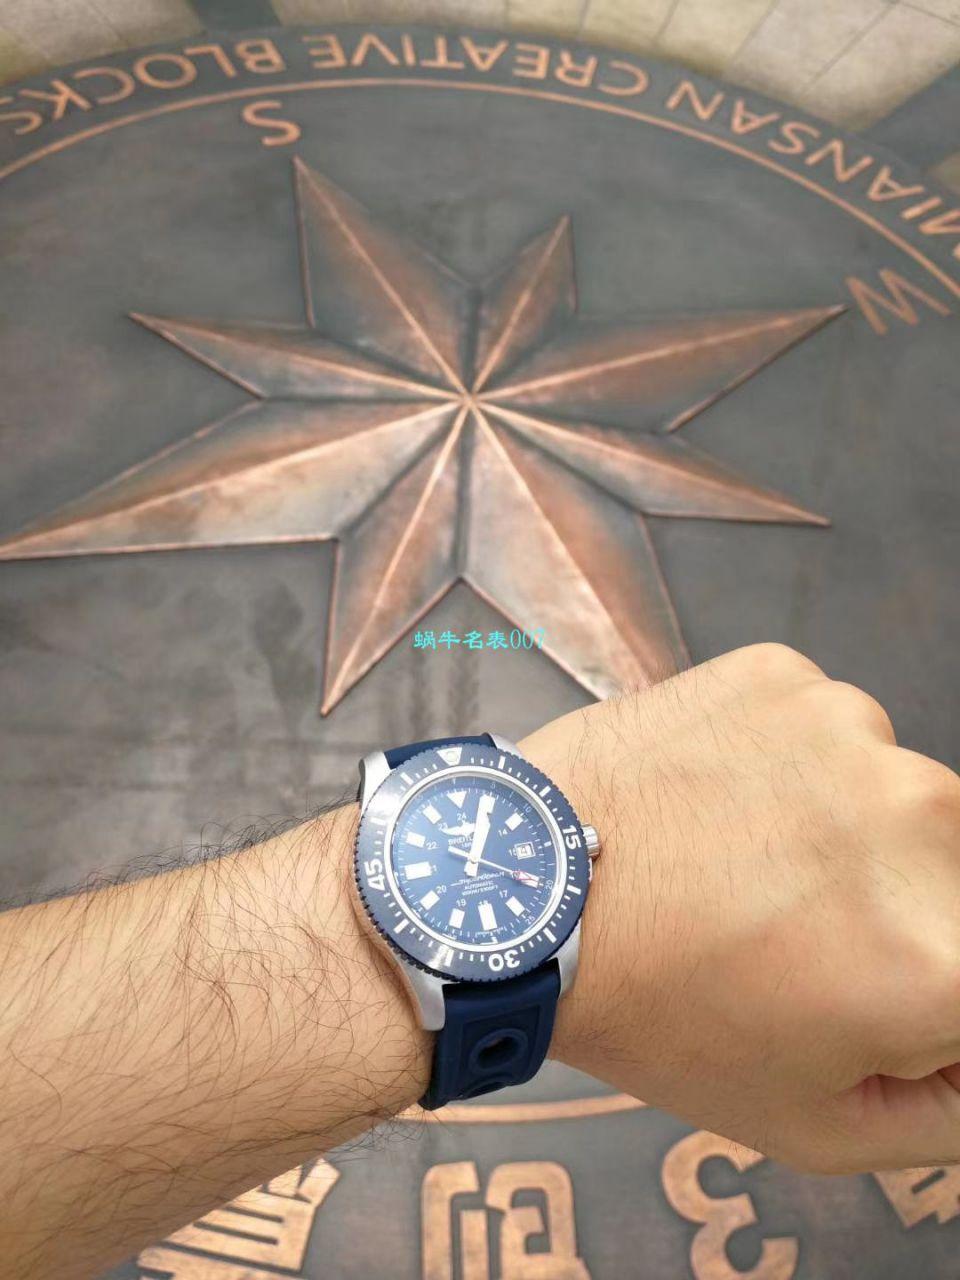 【原单正品、专柜验货】百年灵超级海洋系列Y1739316|C959|162A腕表、Y1739310|BF45|227S|A20SS.1腕表、M17393AN|BE92|227S|M20SS.1腕表 / BL086